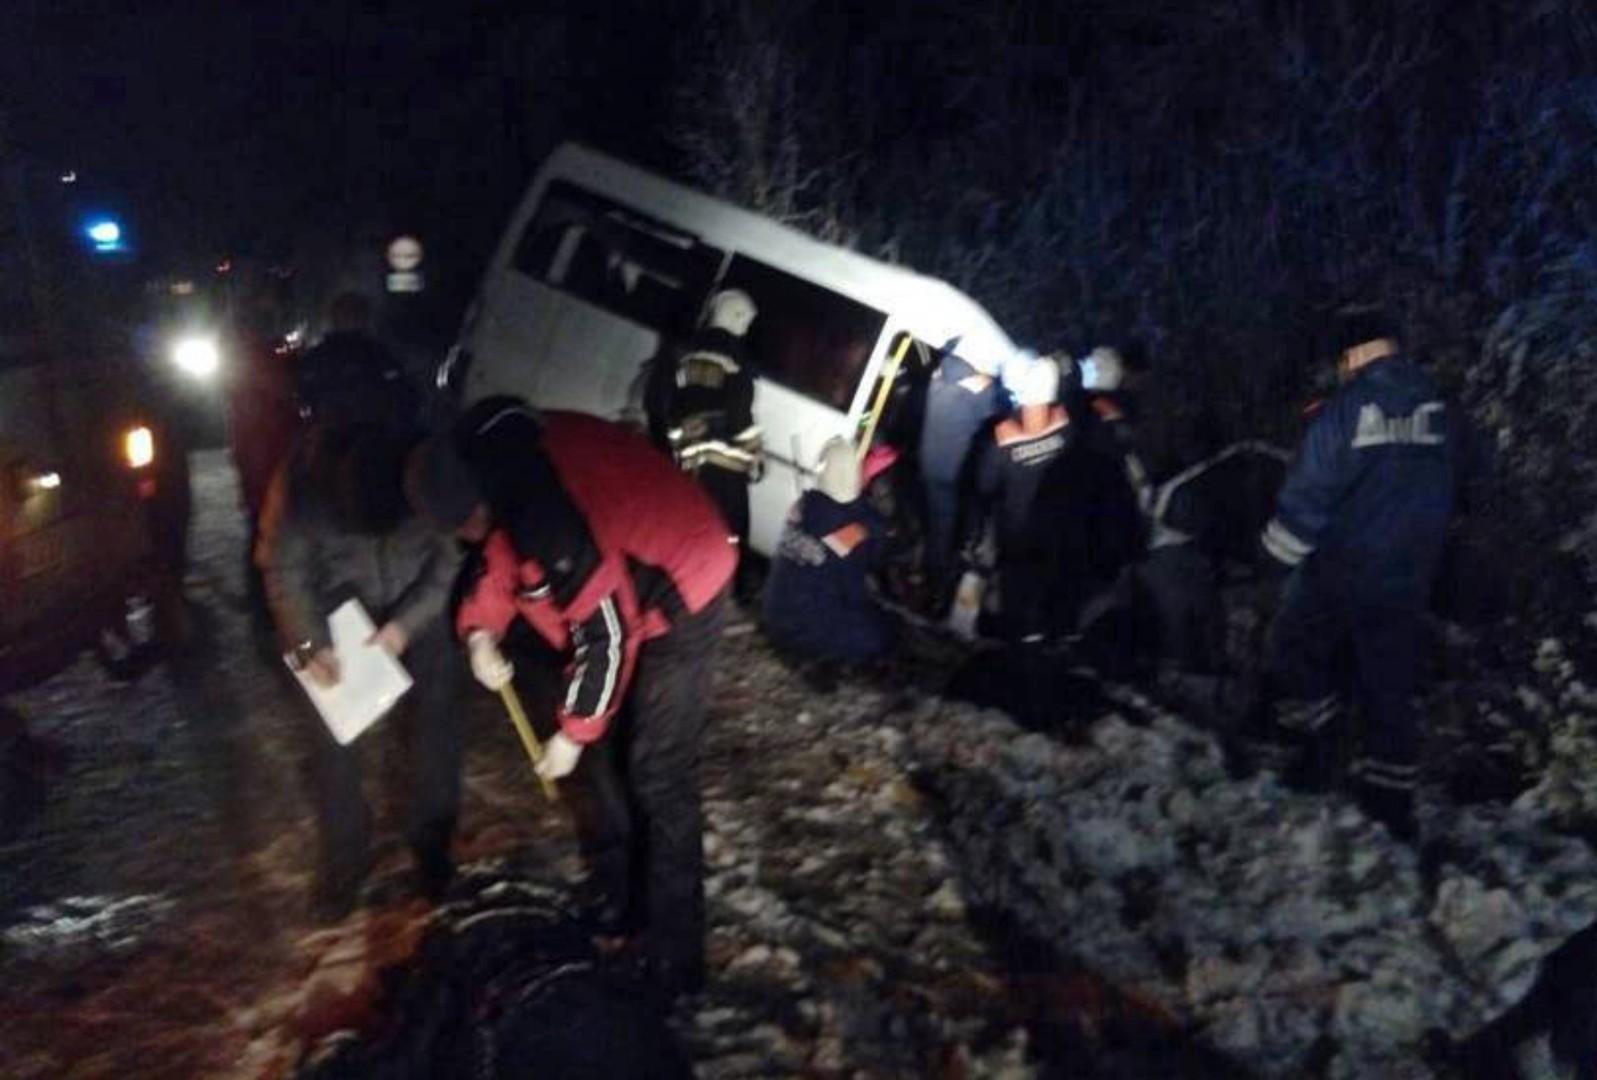 Russie : 15 morts dans une collision entre un minibus et un poids lourd (IMAGES)